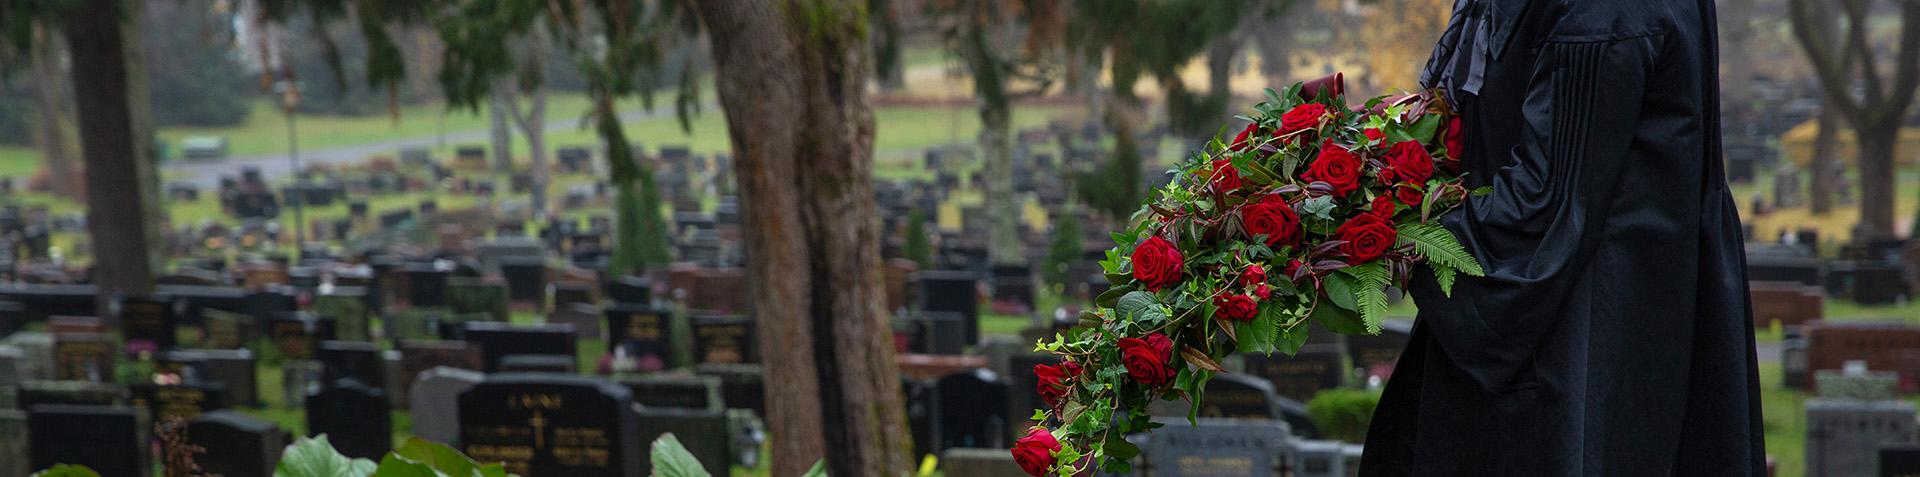 Punaiset ruusut